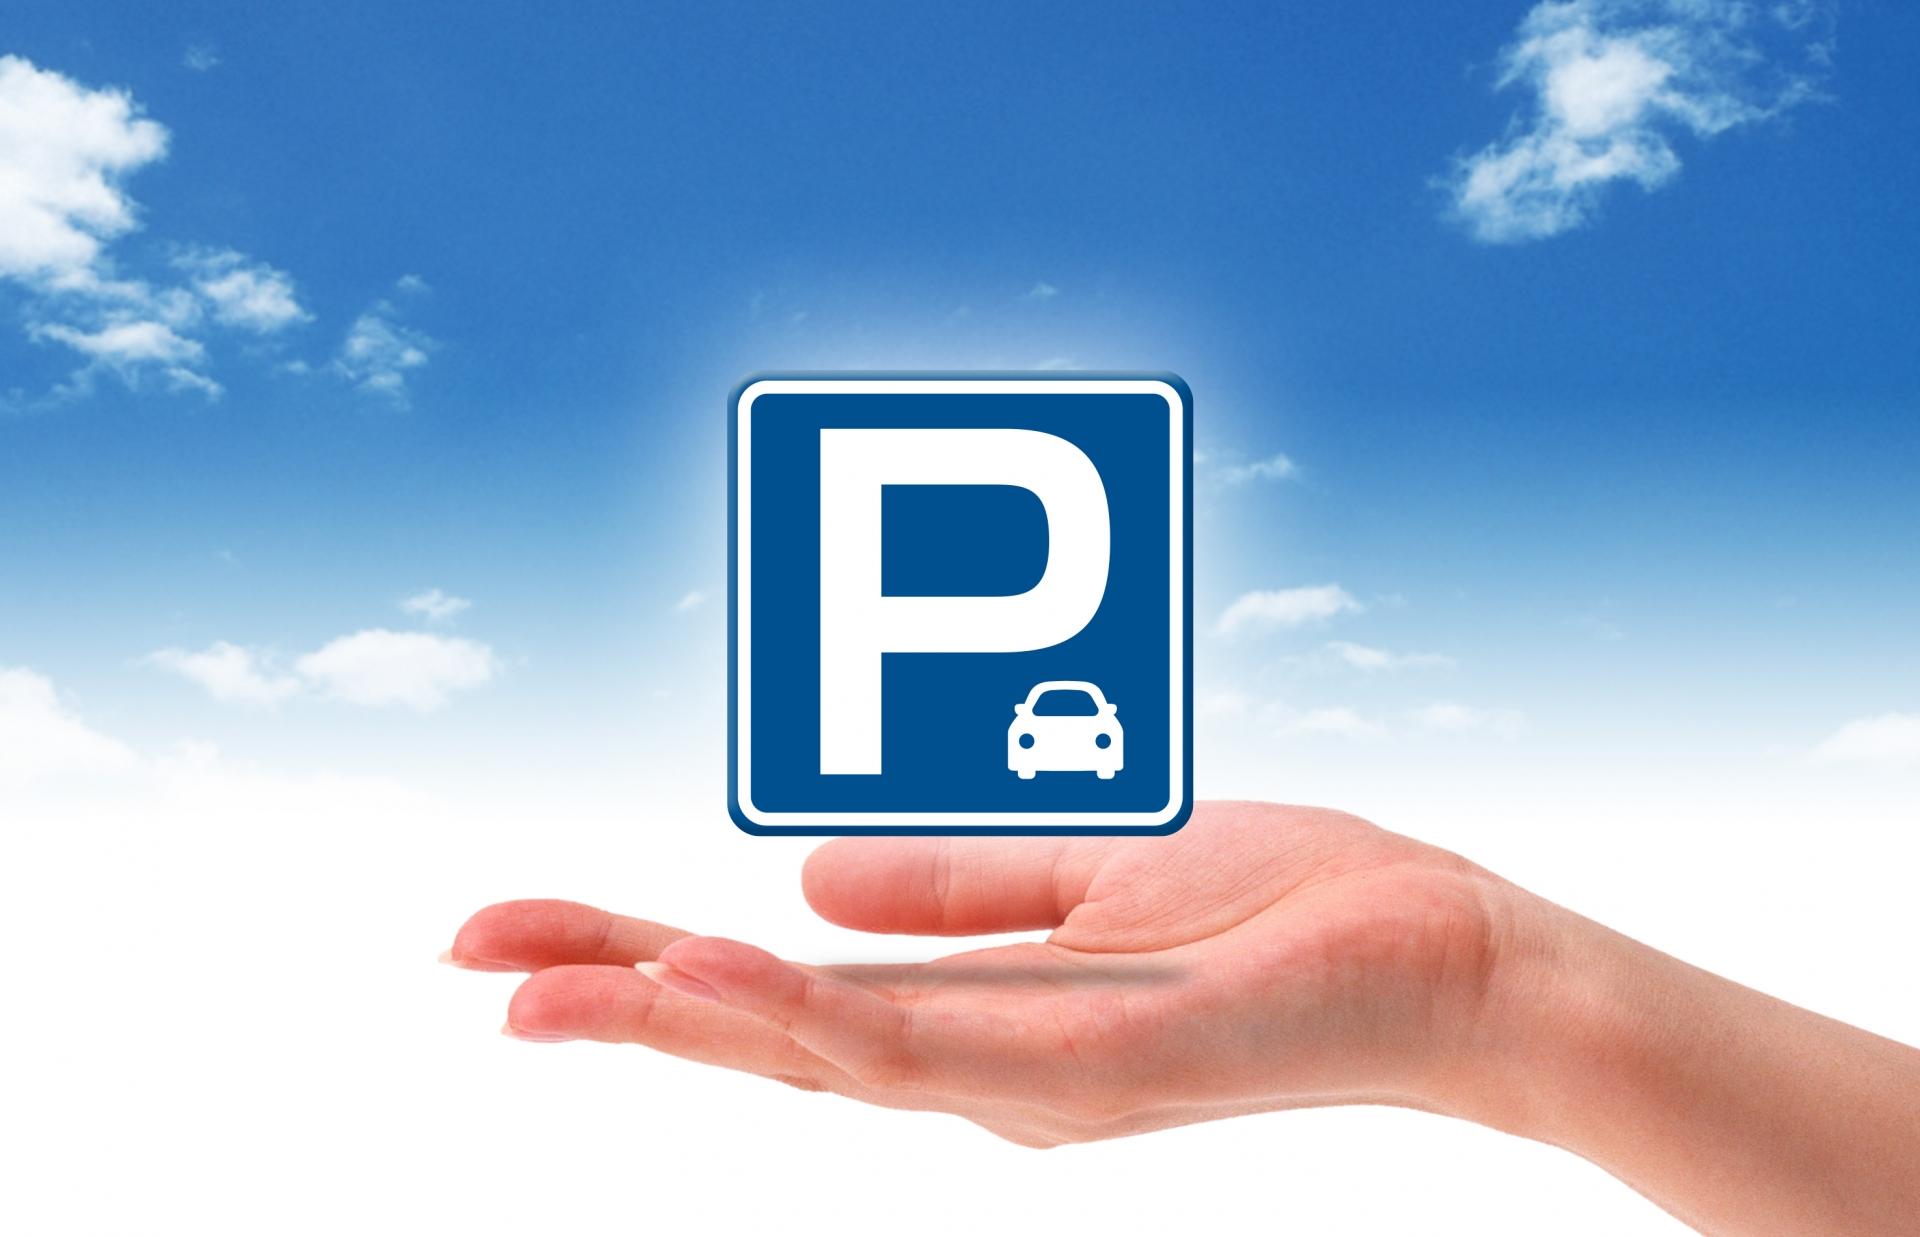 コインパーキング・駐車場経営とは?初心者が抑えておきたいポイントを解説!